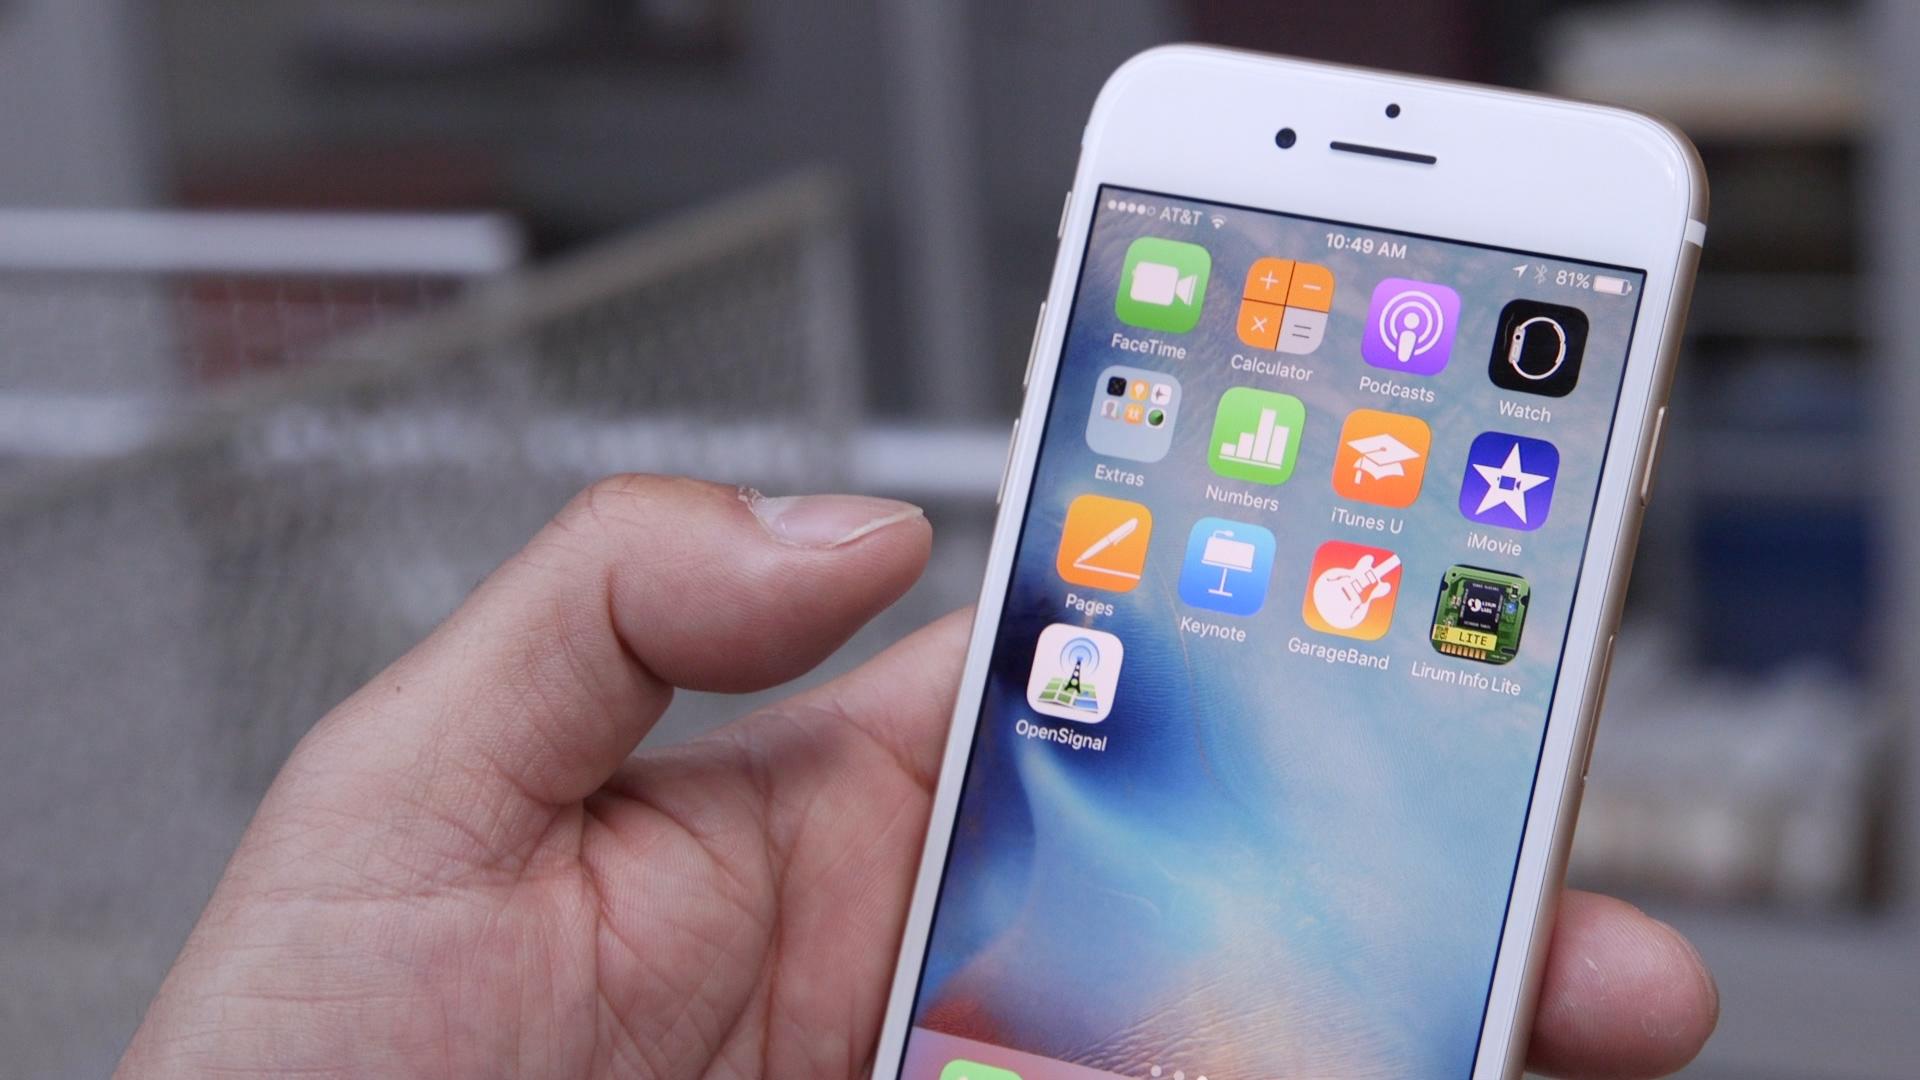 Chia sẻ cách cài bài hát làm nhạc chuông cho iPhone đơn giản